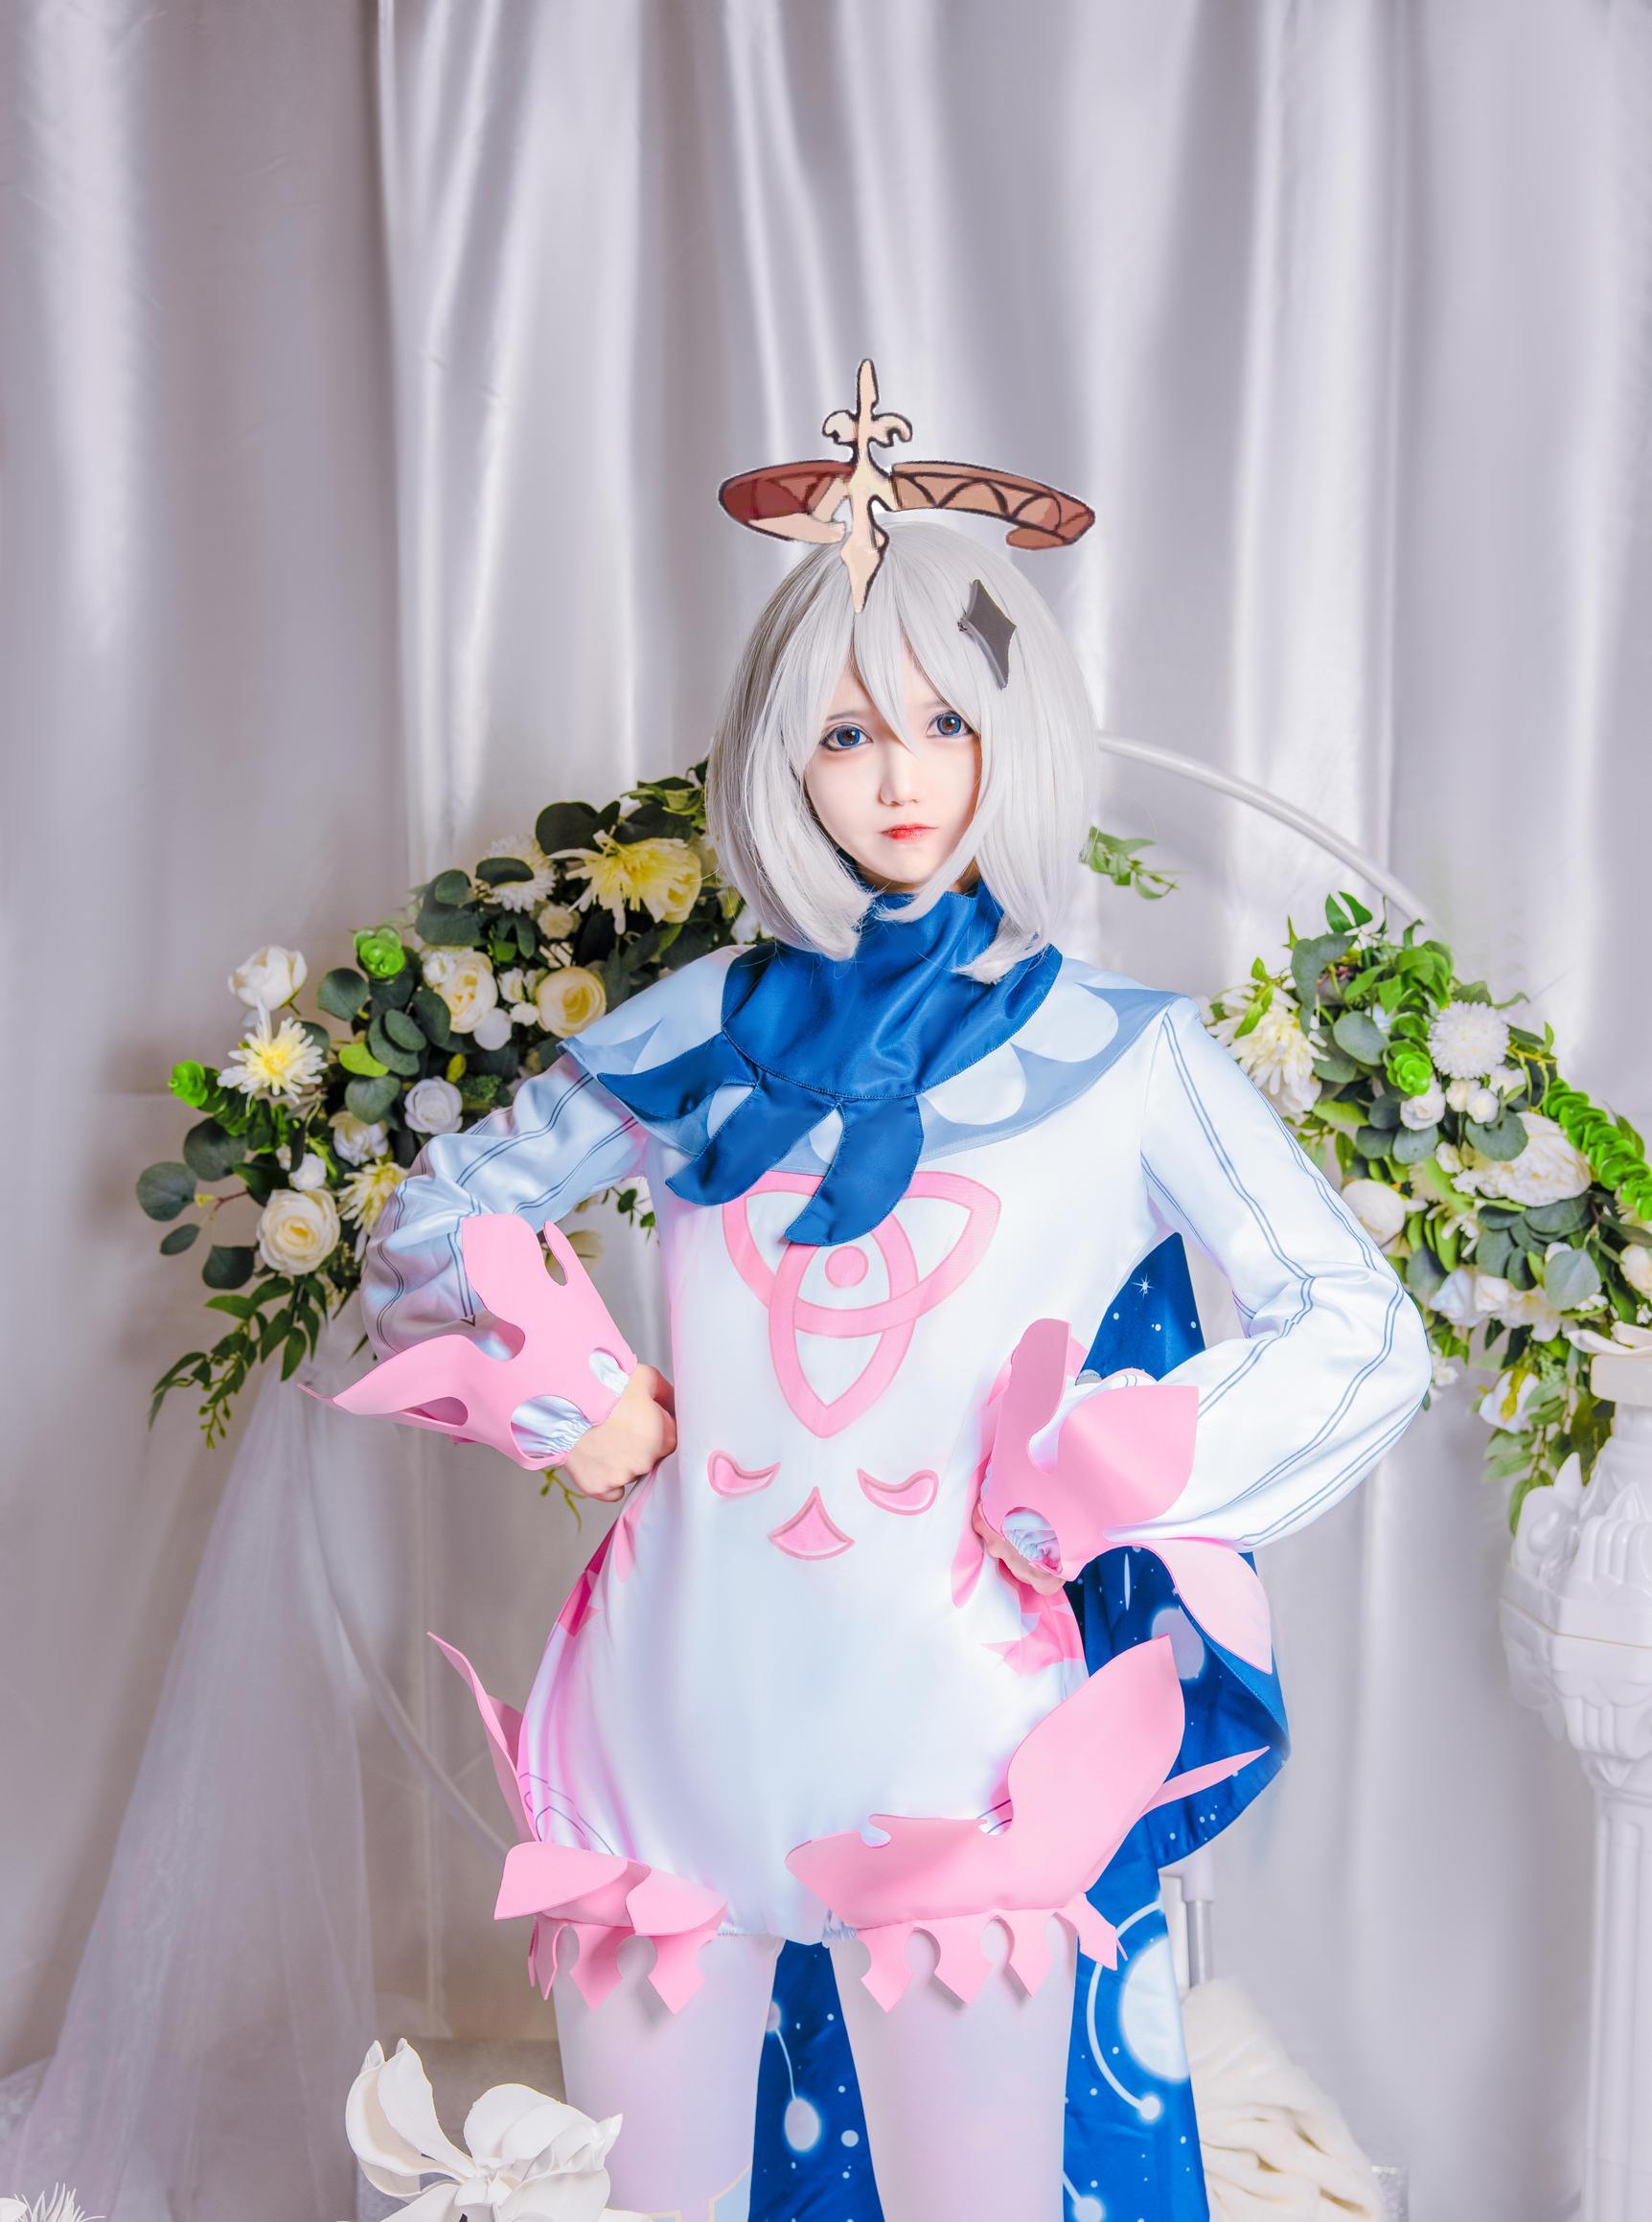 《原神》派蒙cosplay【CN:南千鲤Akirui】-第8张